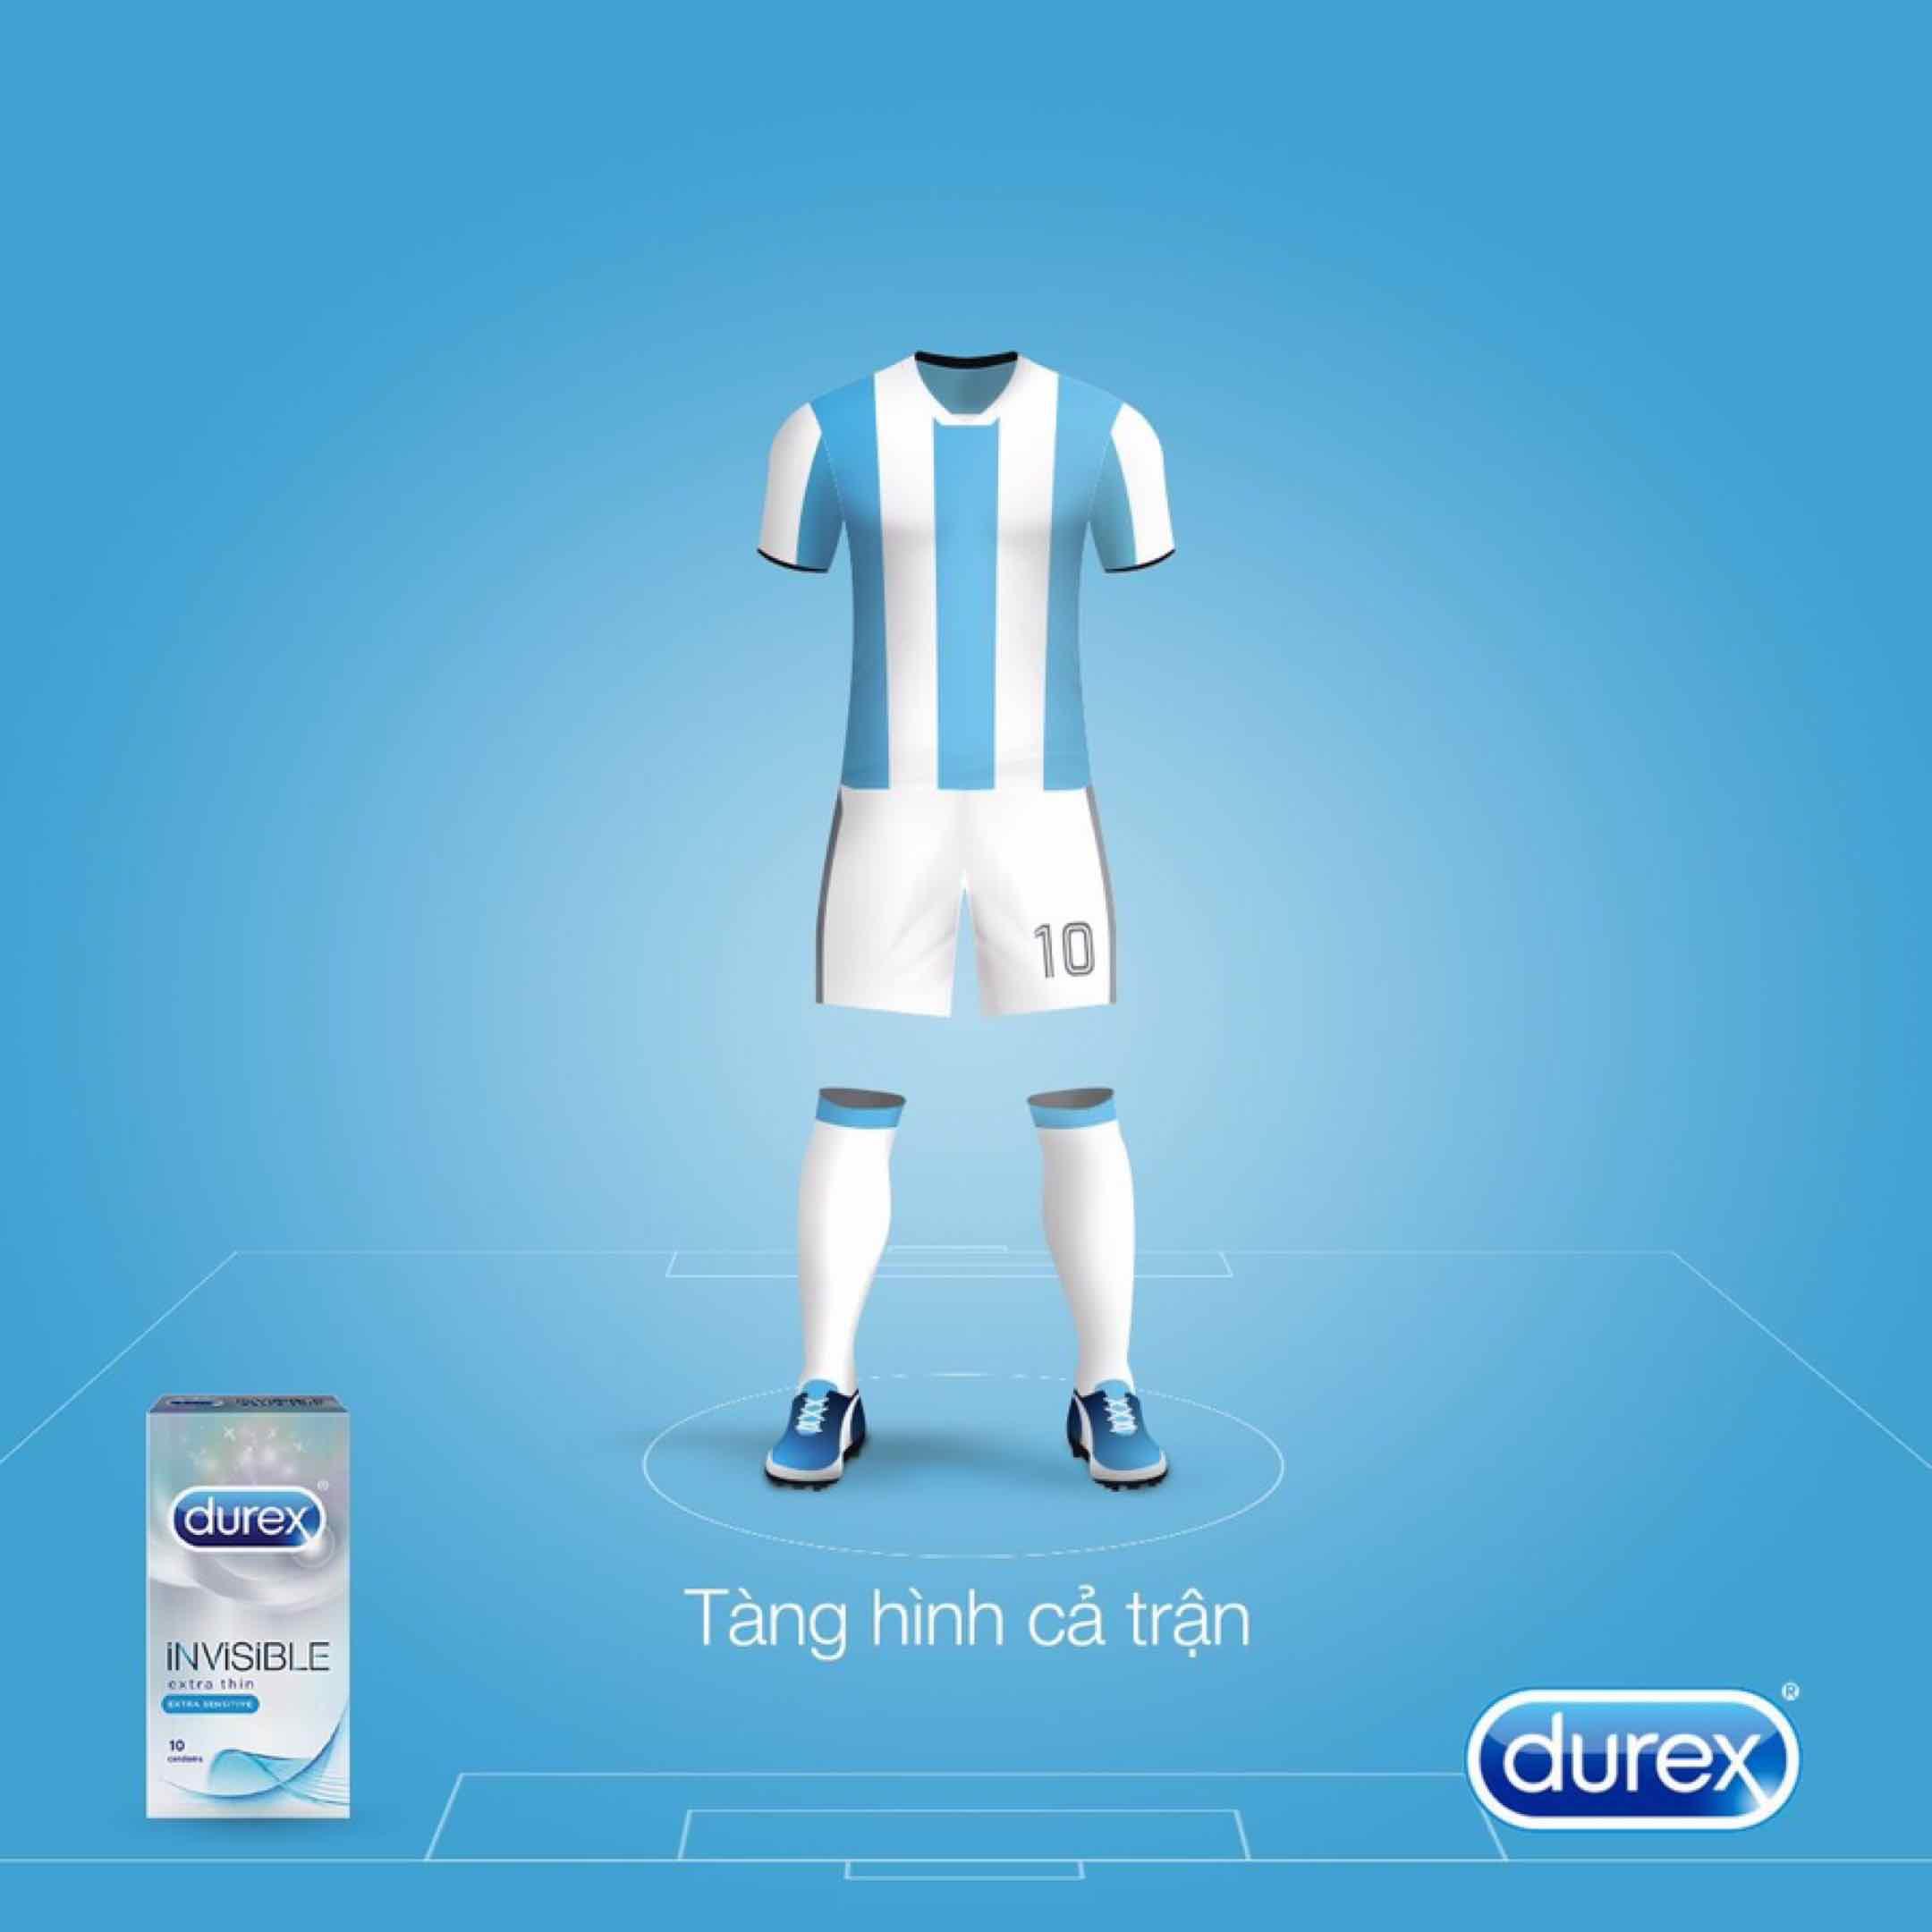 Durex - Đại sứ thương hiệu